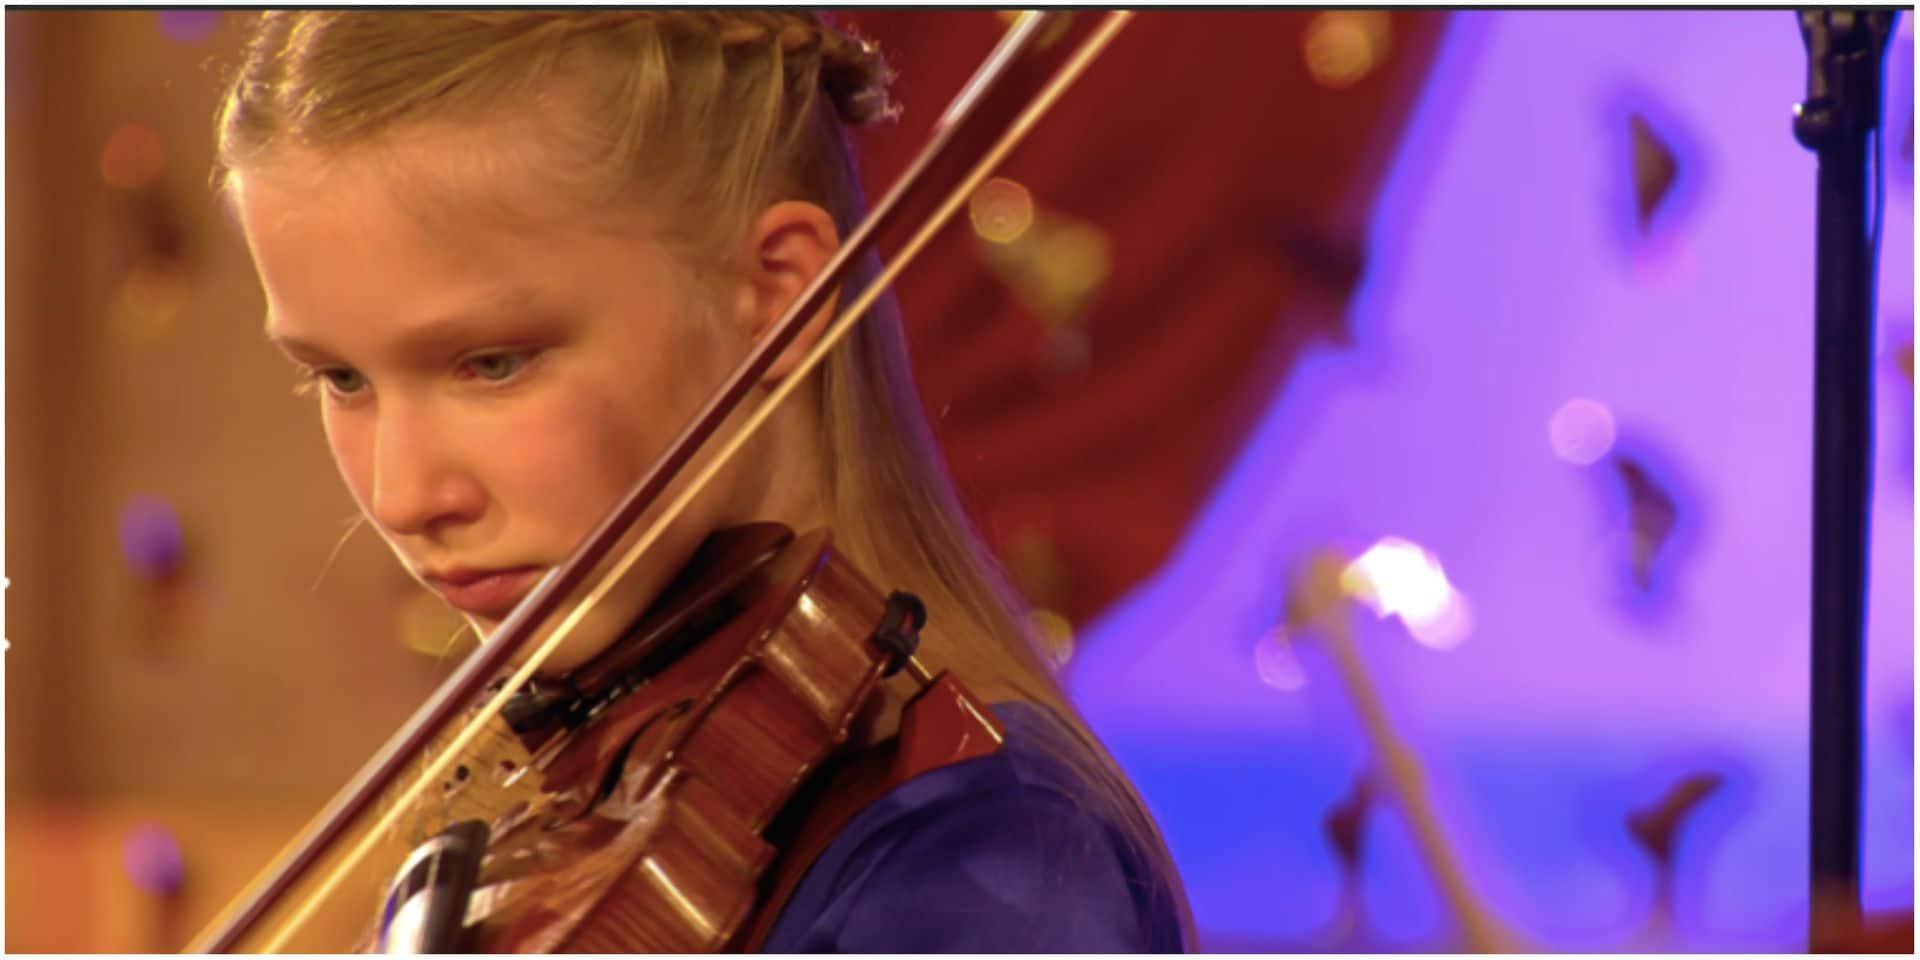 La Princesse Éléonore au violon et le Prince Emmanuel au saxo pour le concert de Noël au Palais royal